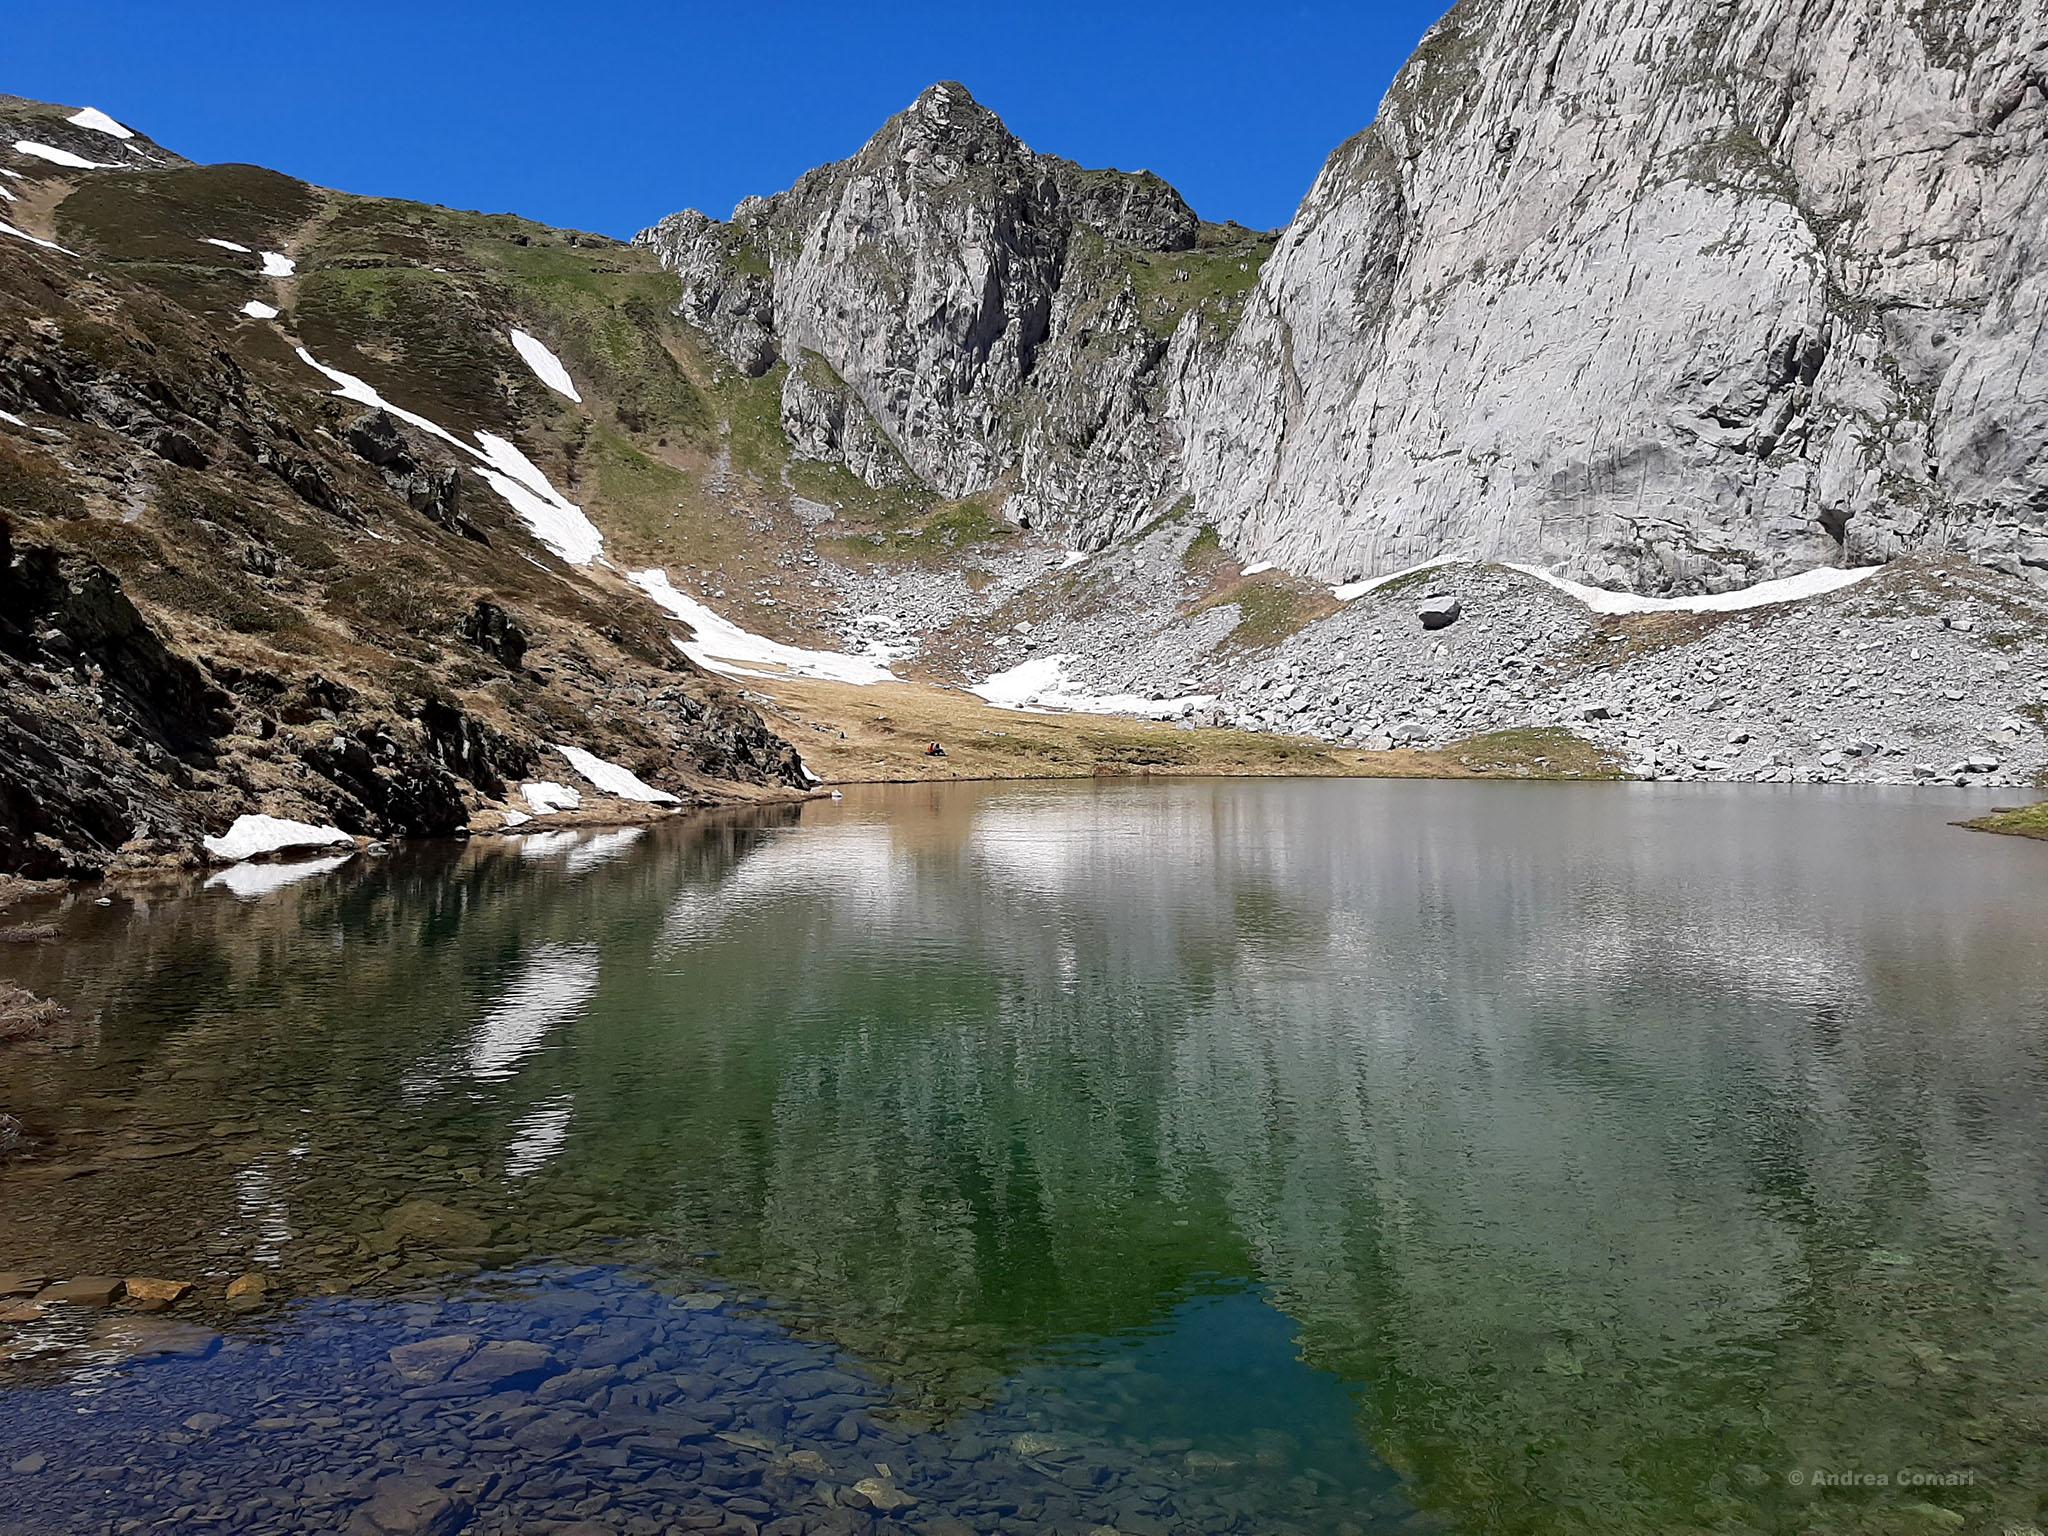 Lake Avostanis, Italy